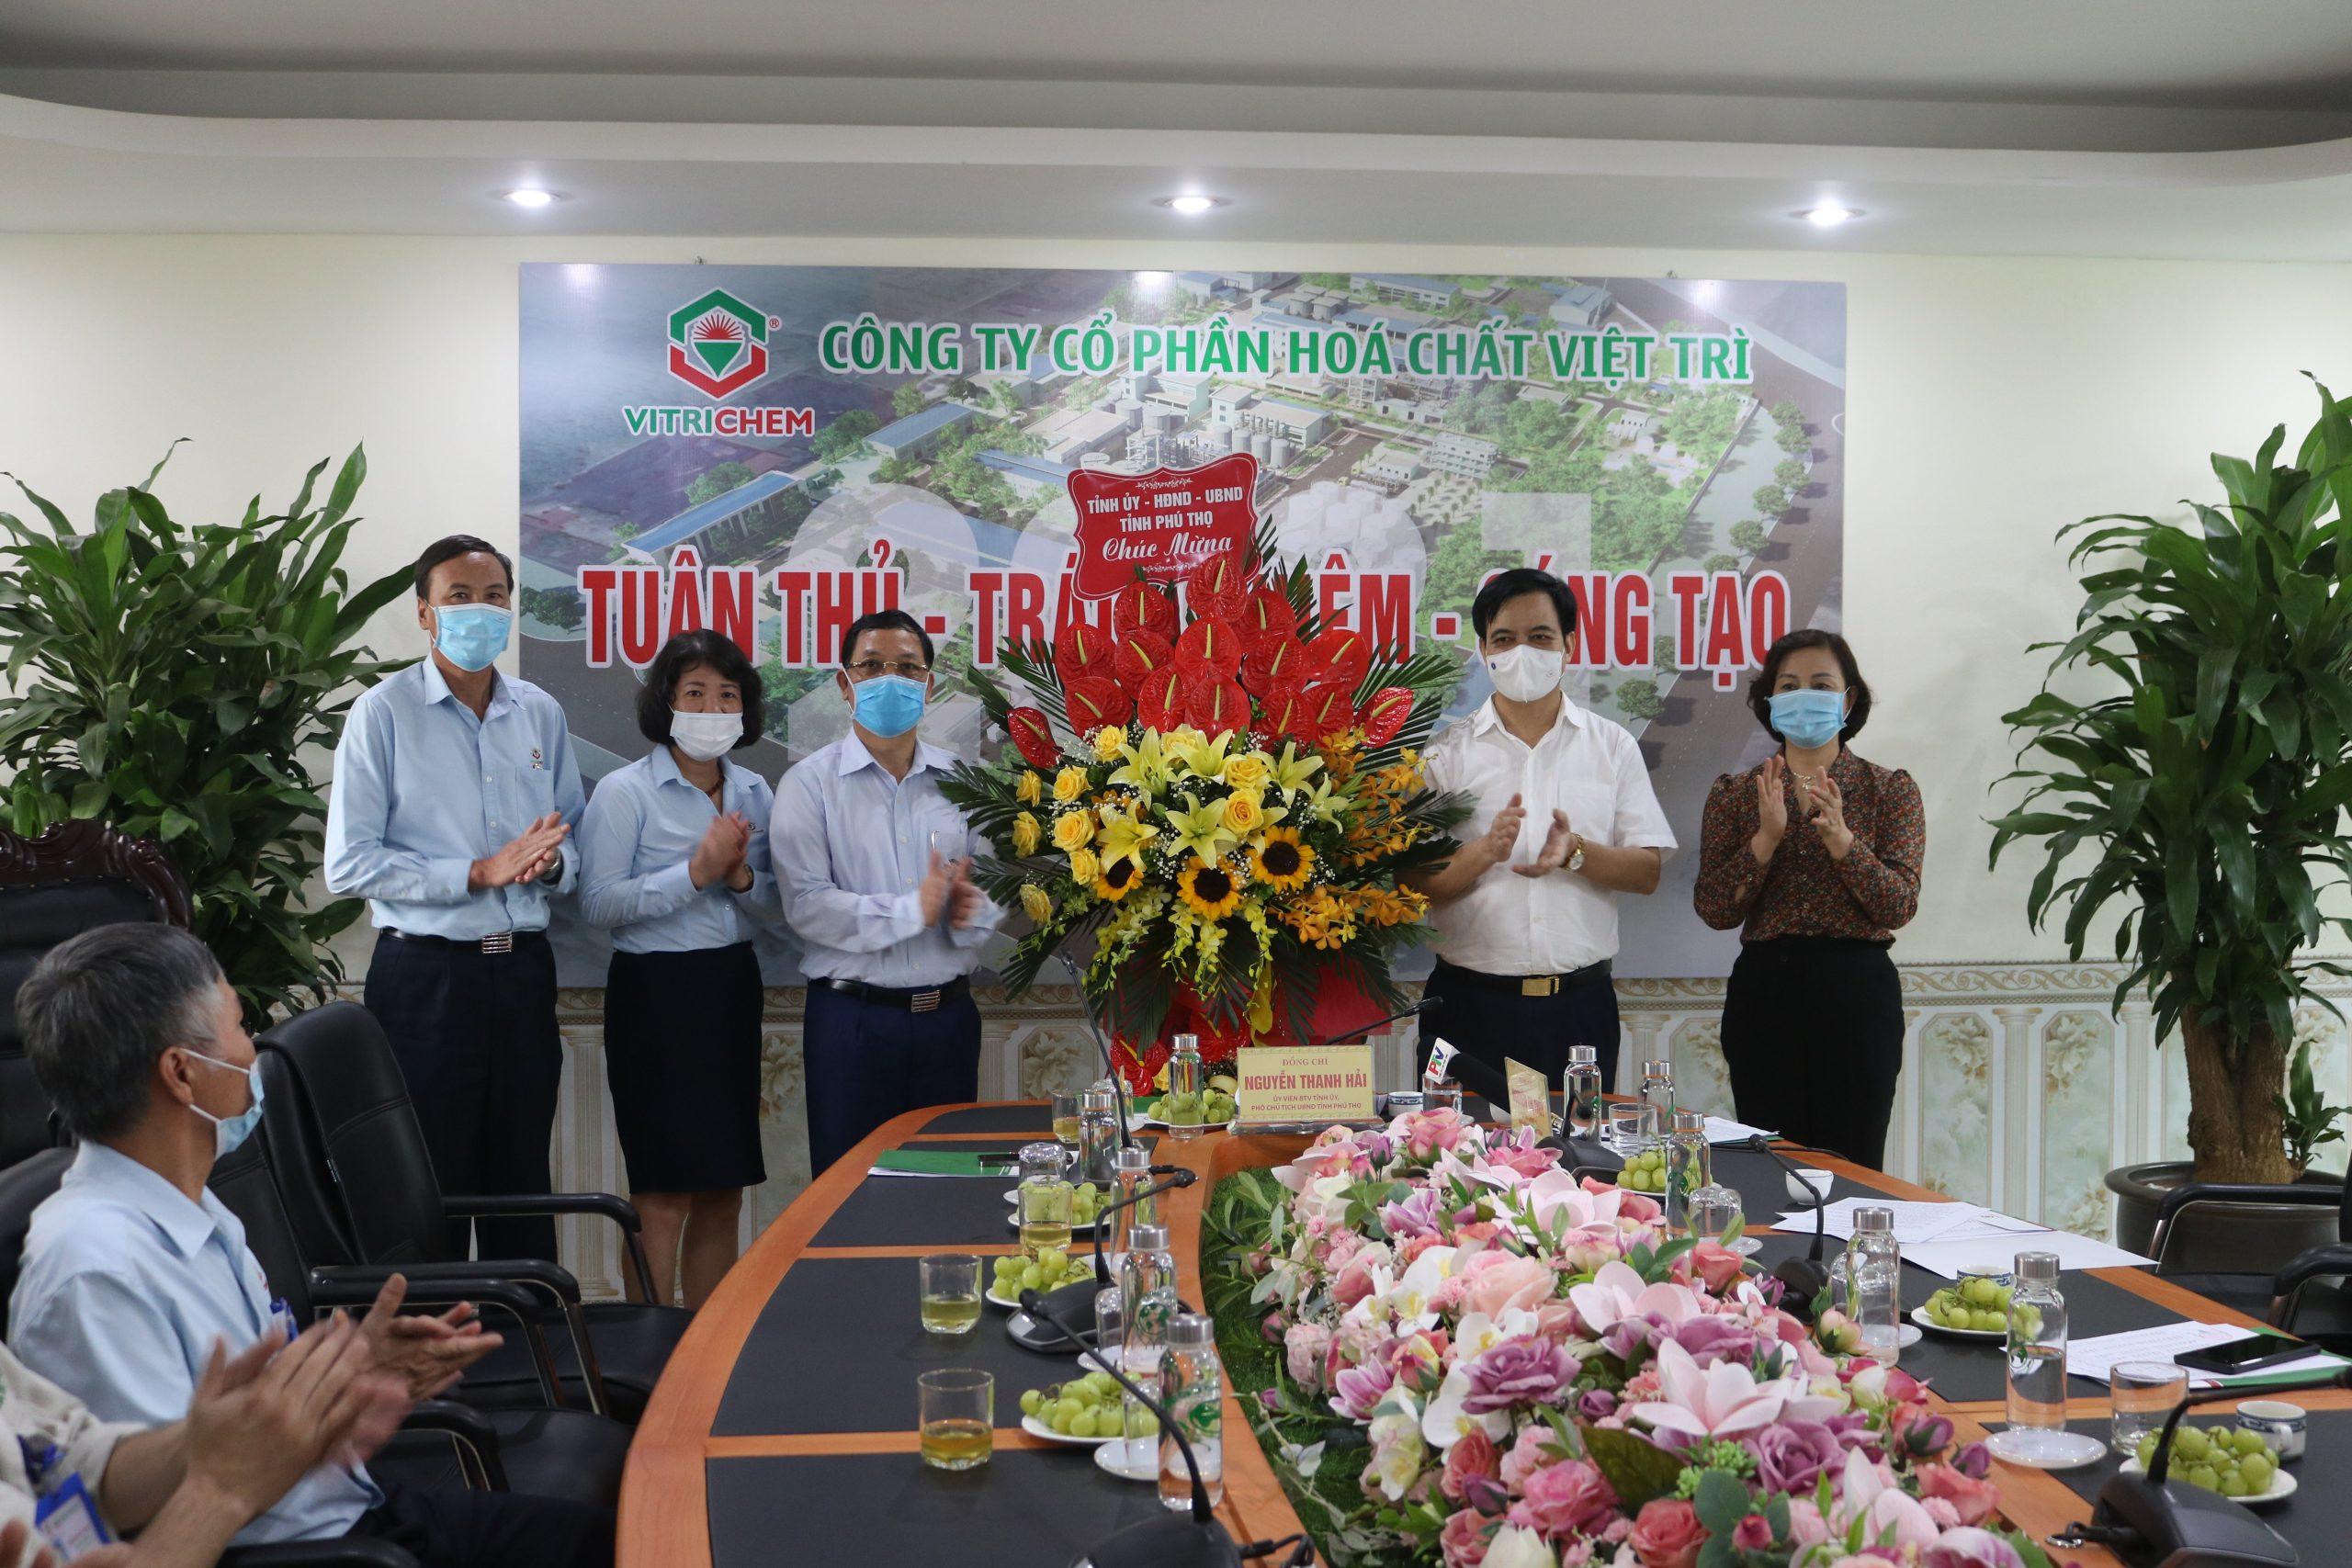 Đồng chí Nguyễn Thanh Hải, Ủy viên BTV Tỉnh ủy, Phó Chủ tịch UBND tỉnh tới thăm và làm việc tại Công ty